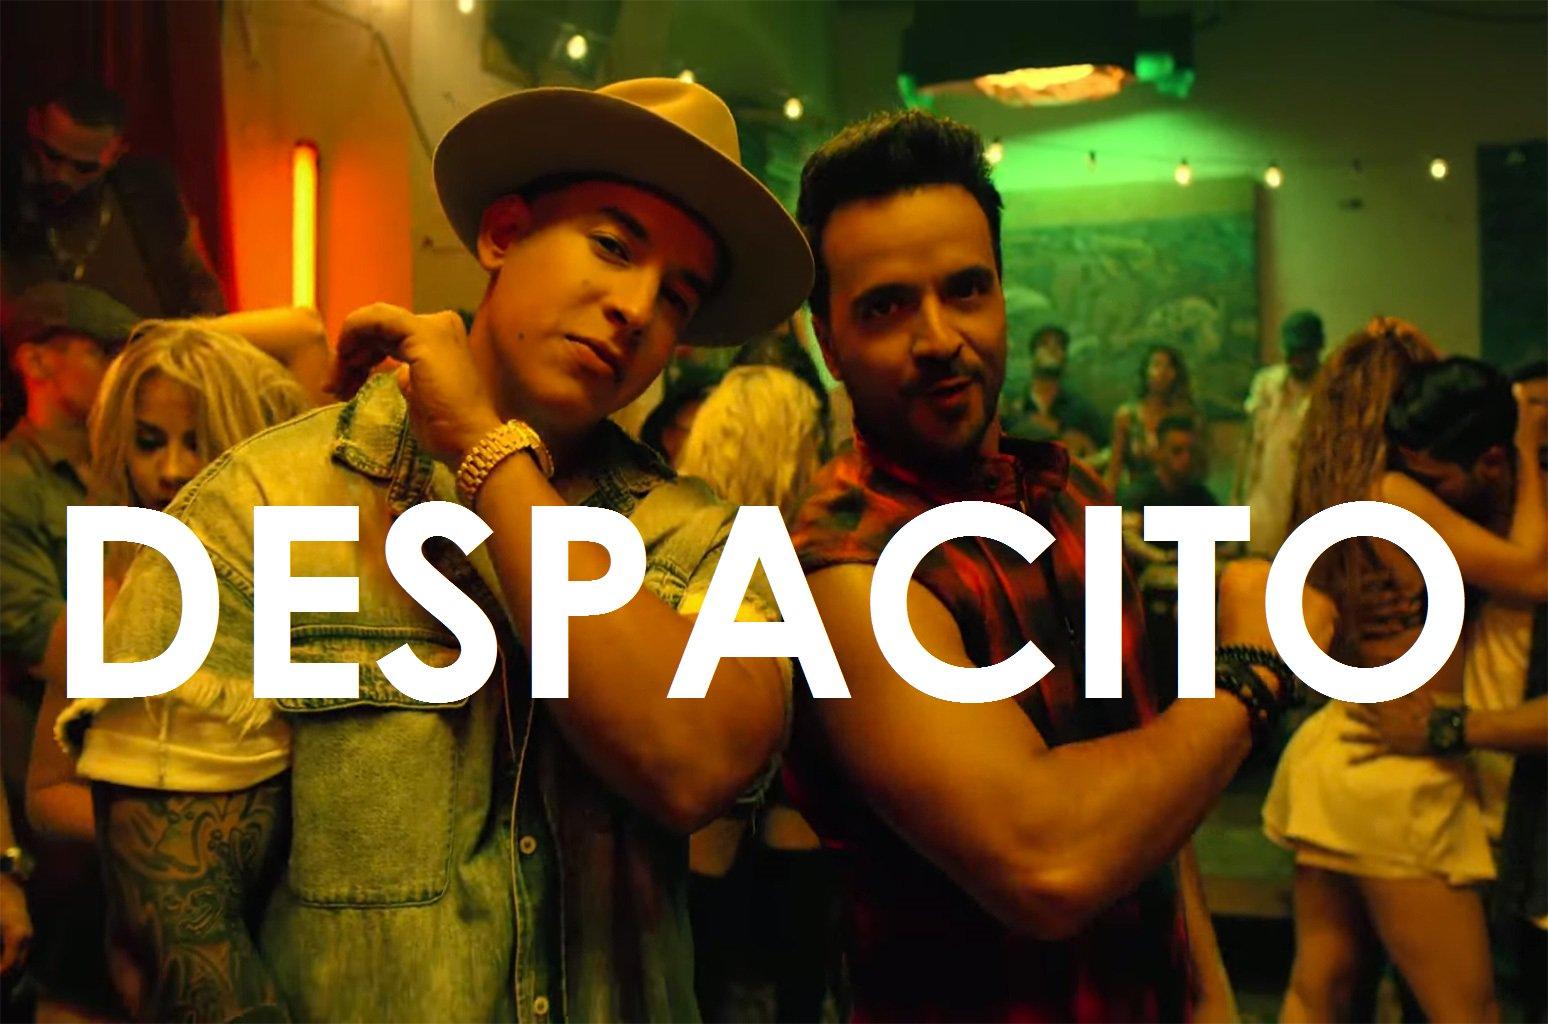 Imagem de 'Despacito' é o 1º vídeo a chegar em 4 bilhões de visualizações no YouTube no tecmundo